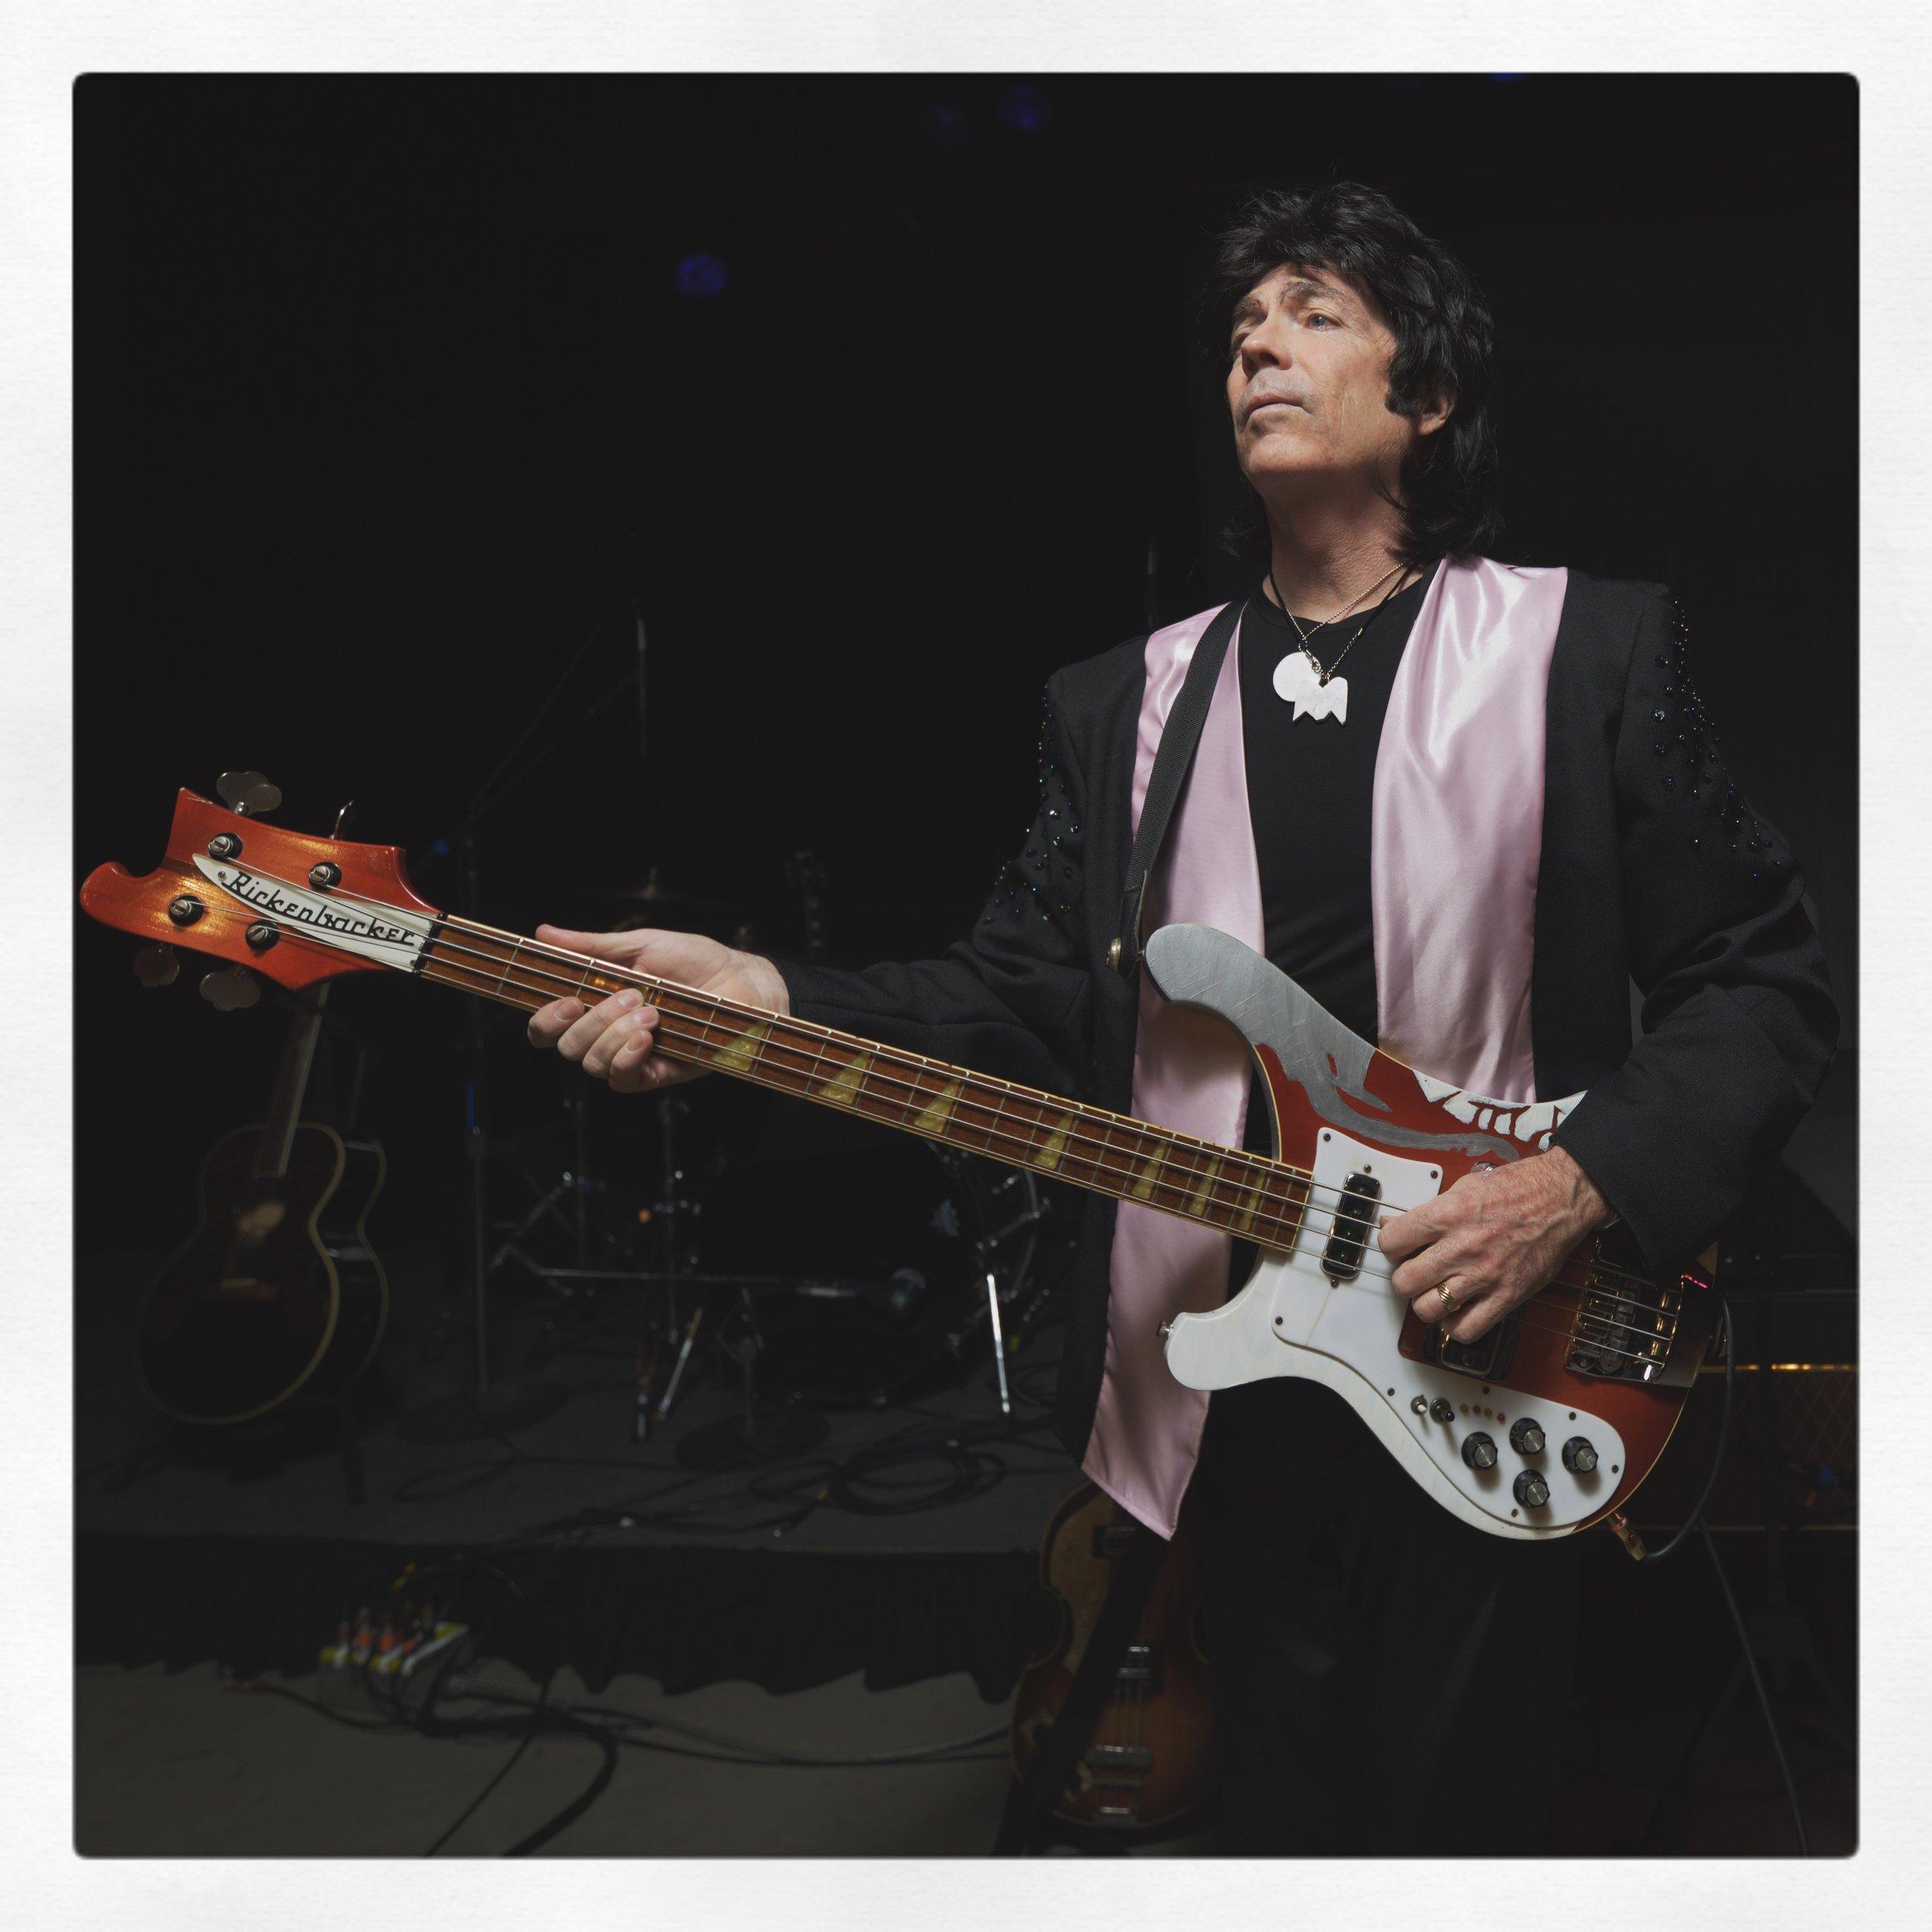 Tim Mahoney as Paul McCartney